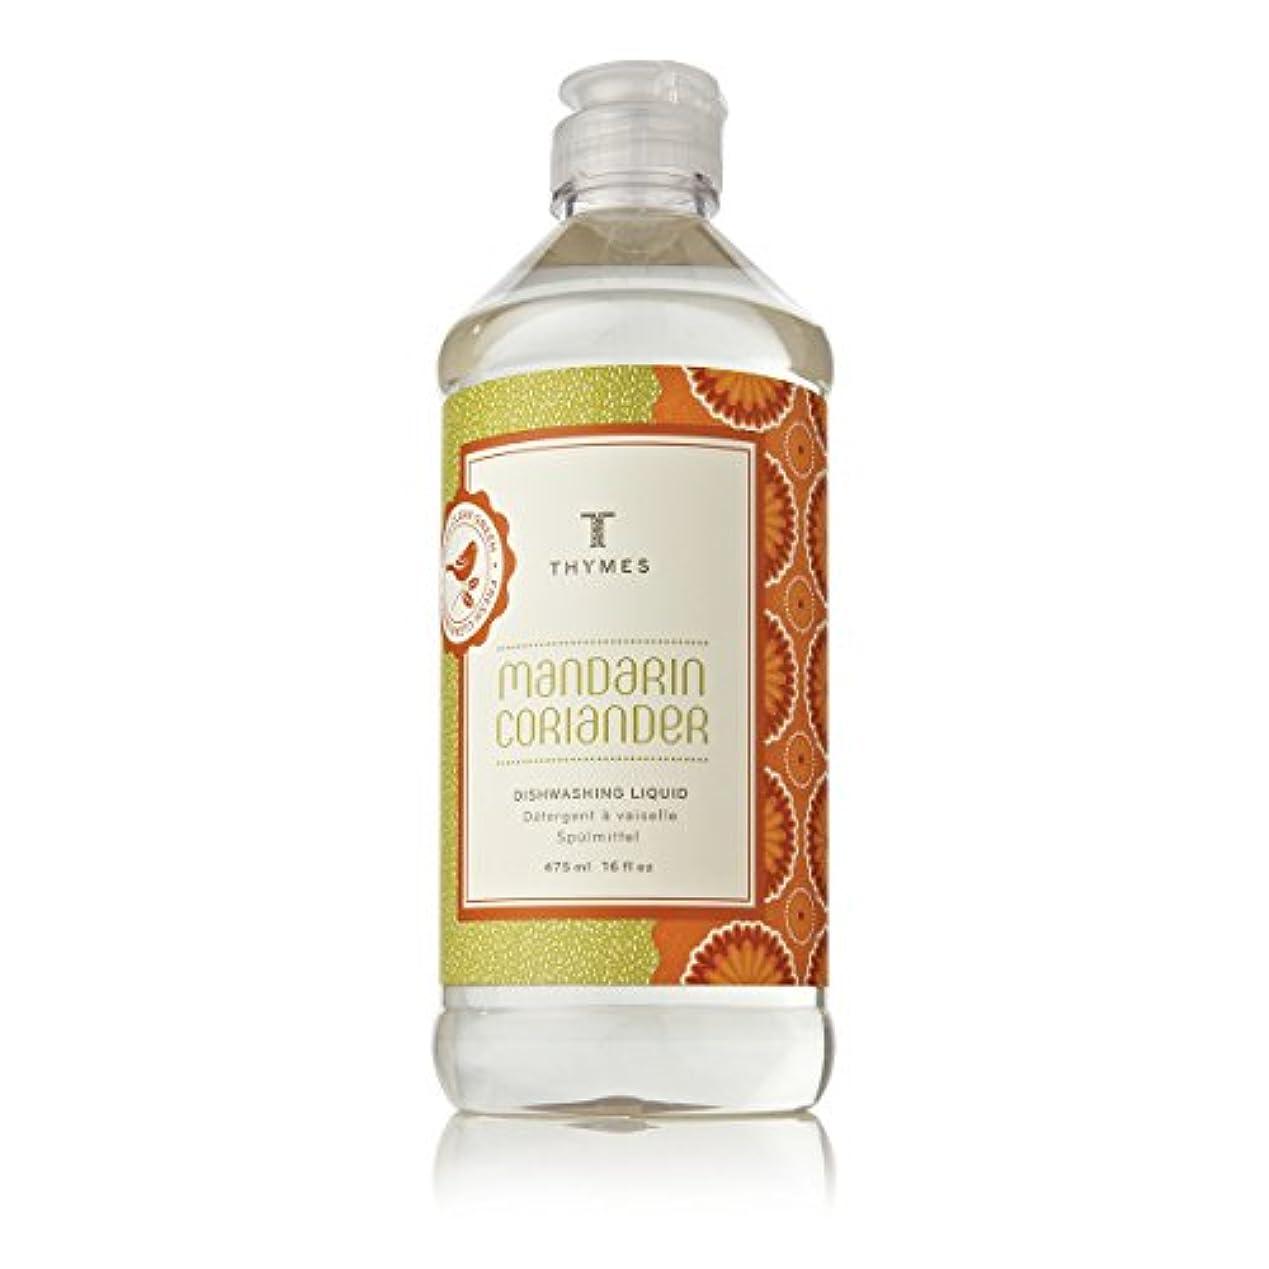 塗抹不透明な難しいThymes Mandarin Coriander Dishwashing Liquid - Oz. Natural Body Hand 0510720100 by Thymes [並行輸入品]